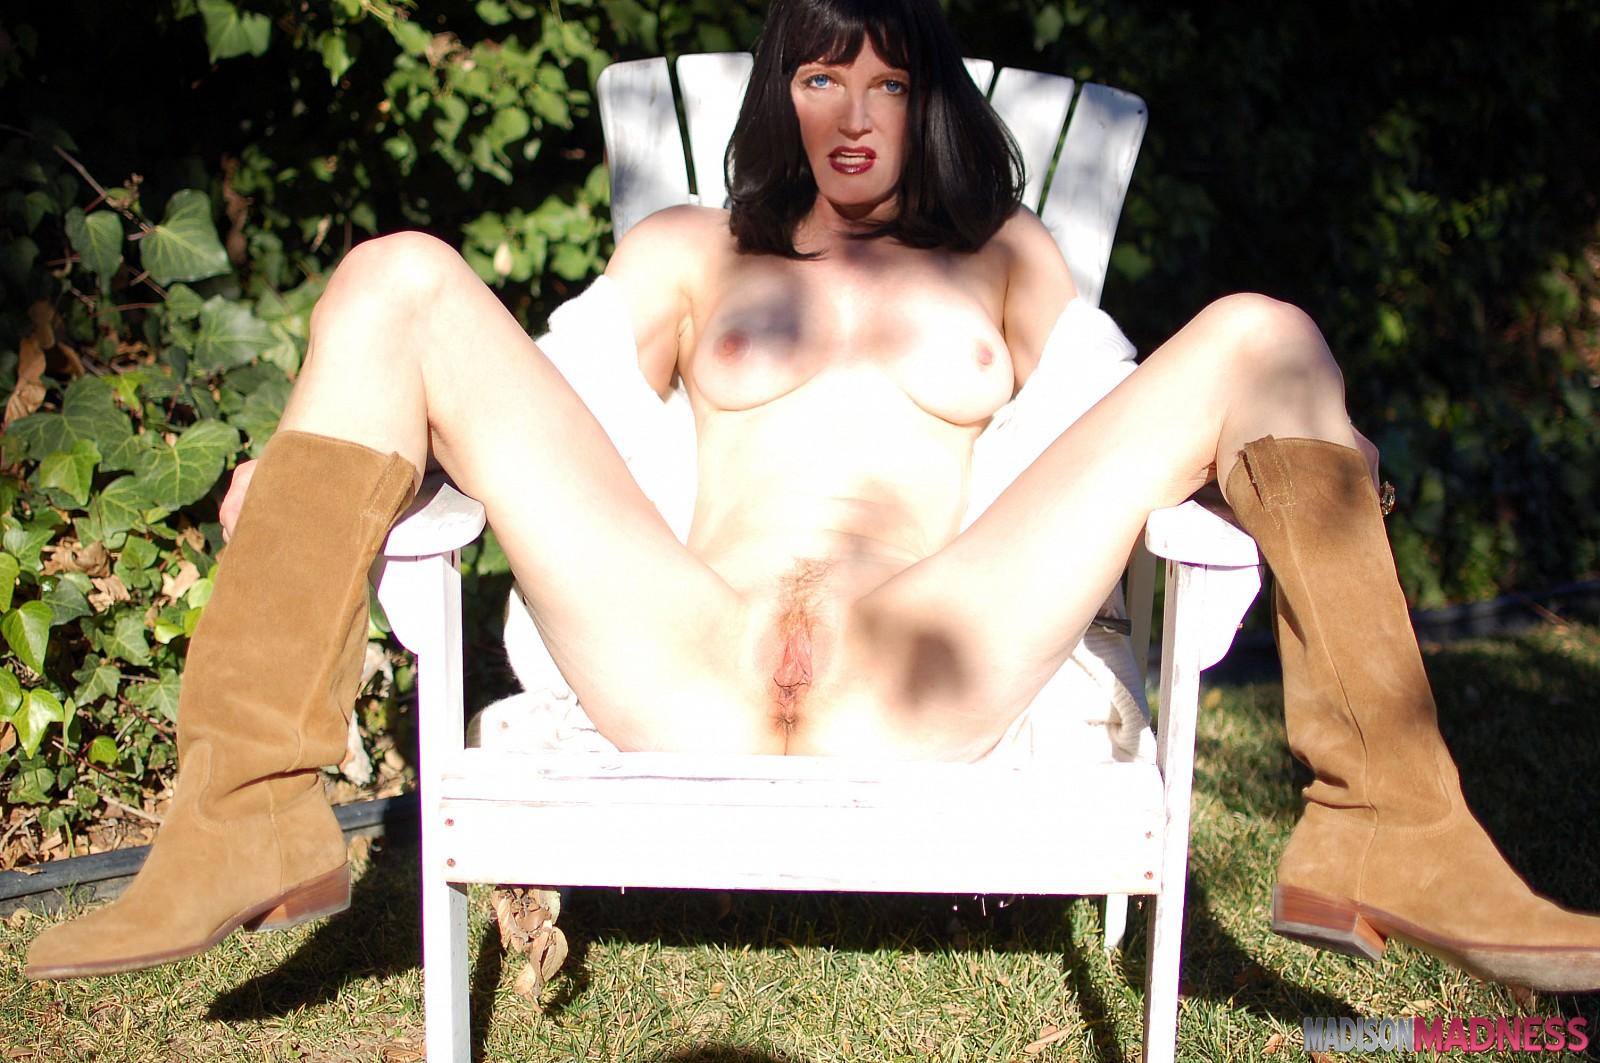 latina nudes young girls